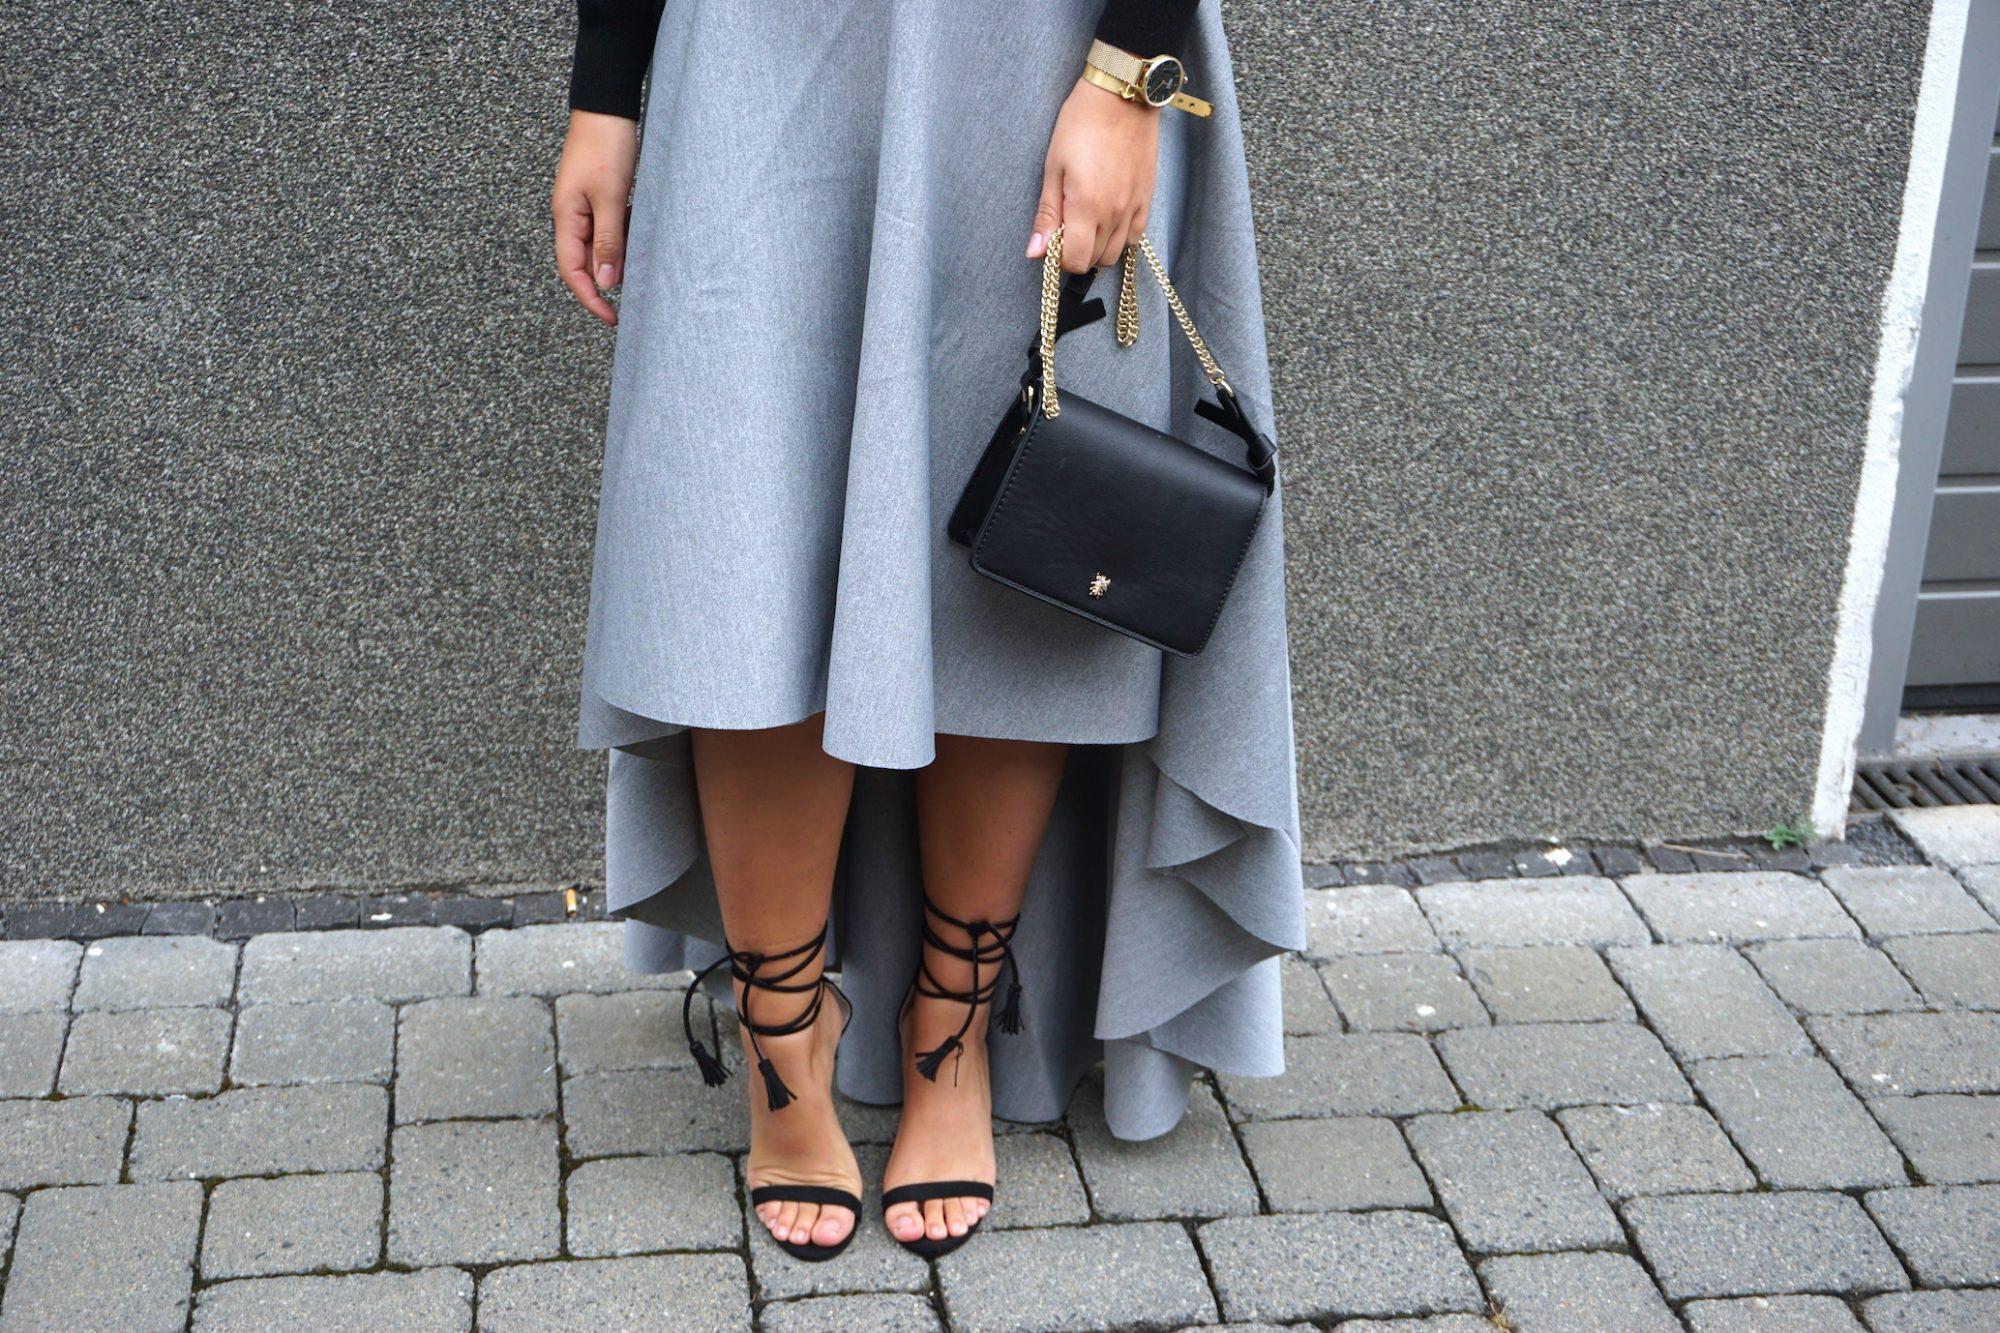 details-justfab-schuhe-fashion-sandalen-herbst-fashionforffranzy-koeln-modeblogger